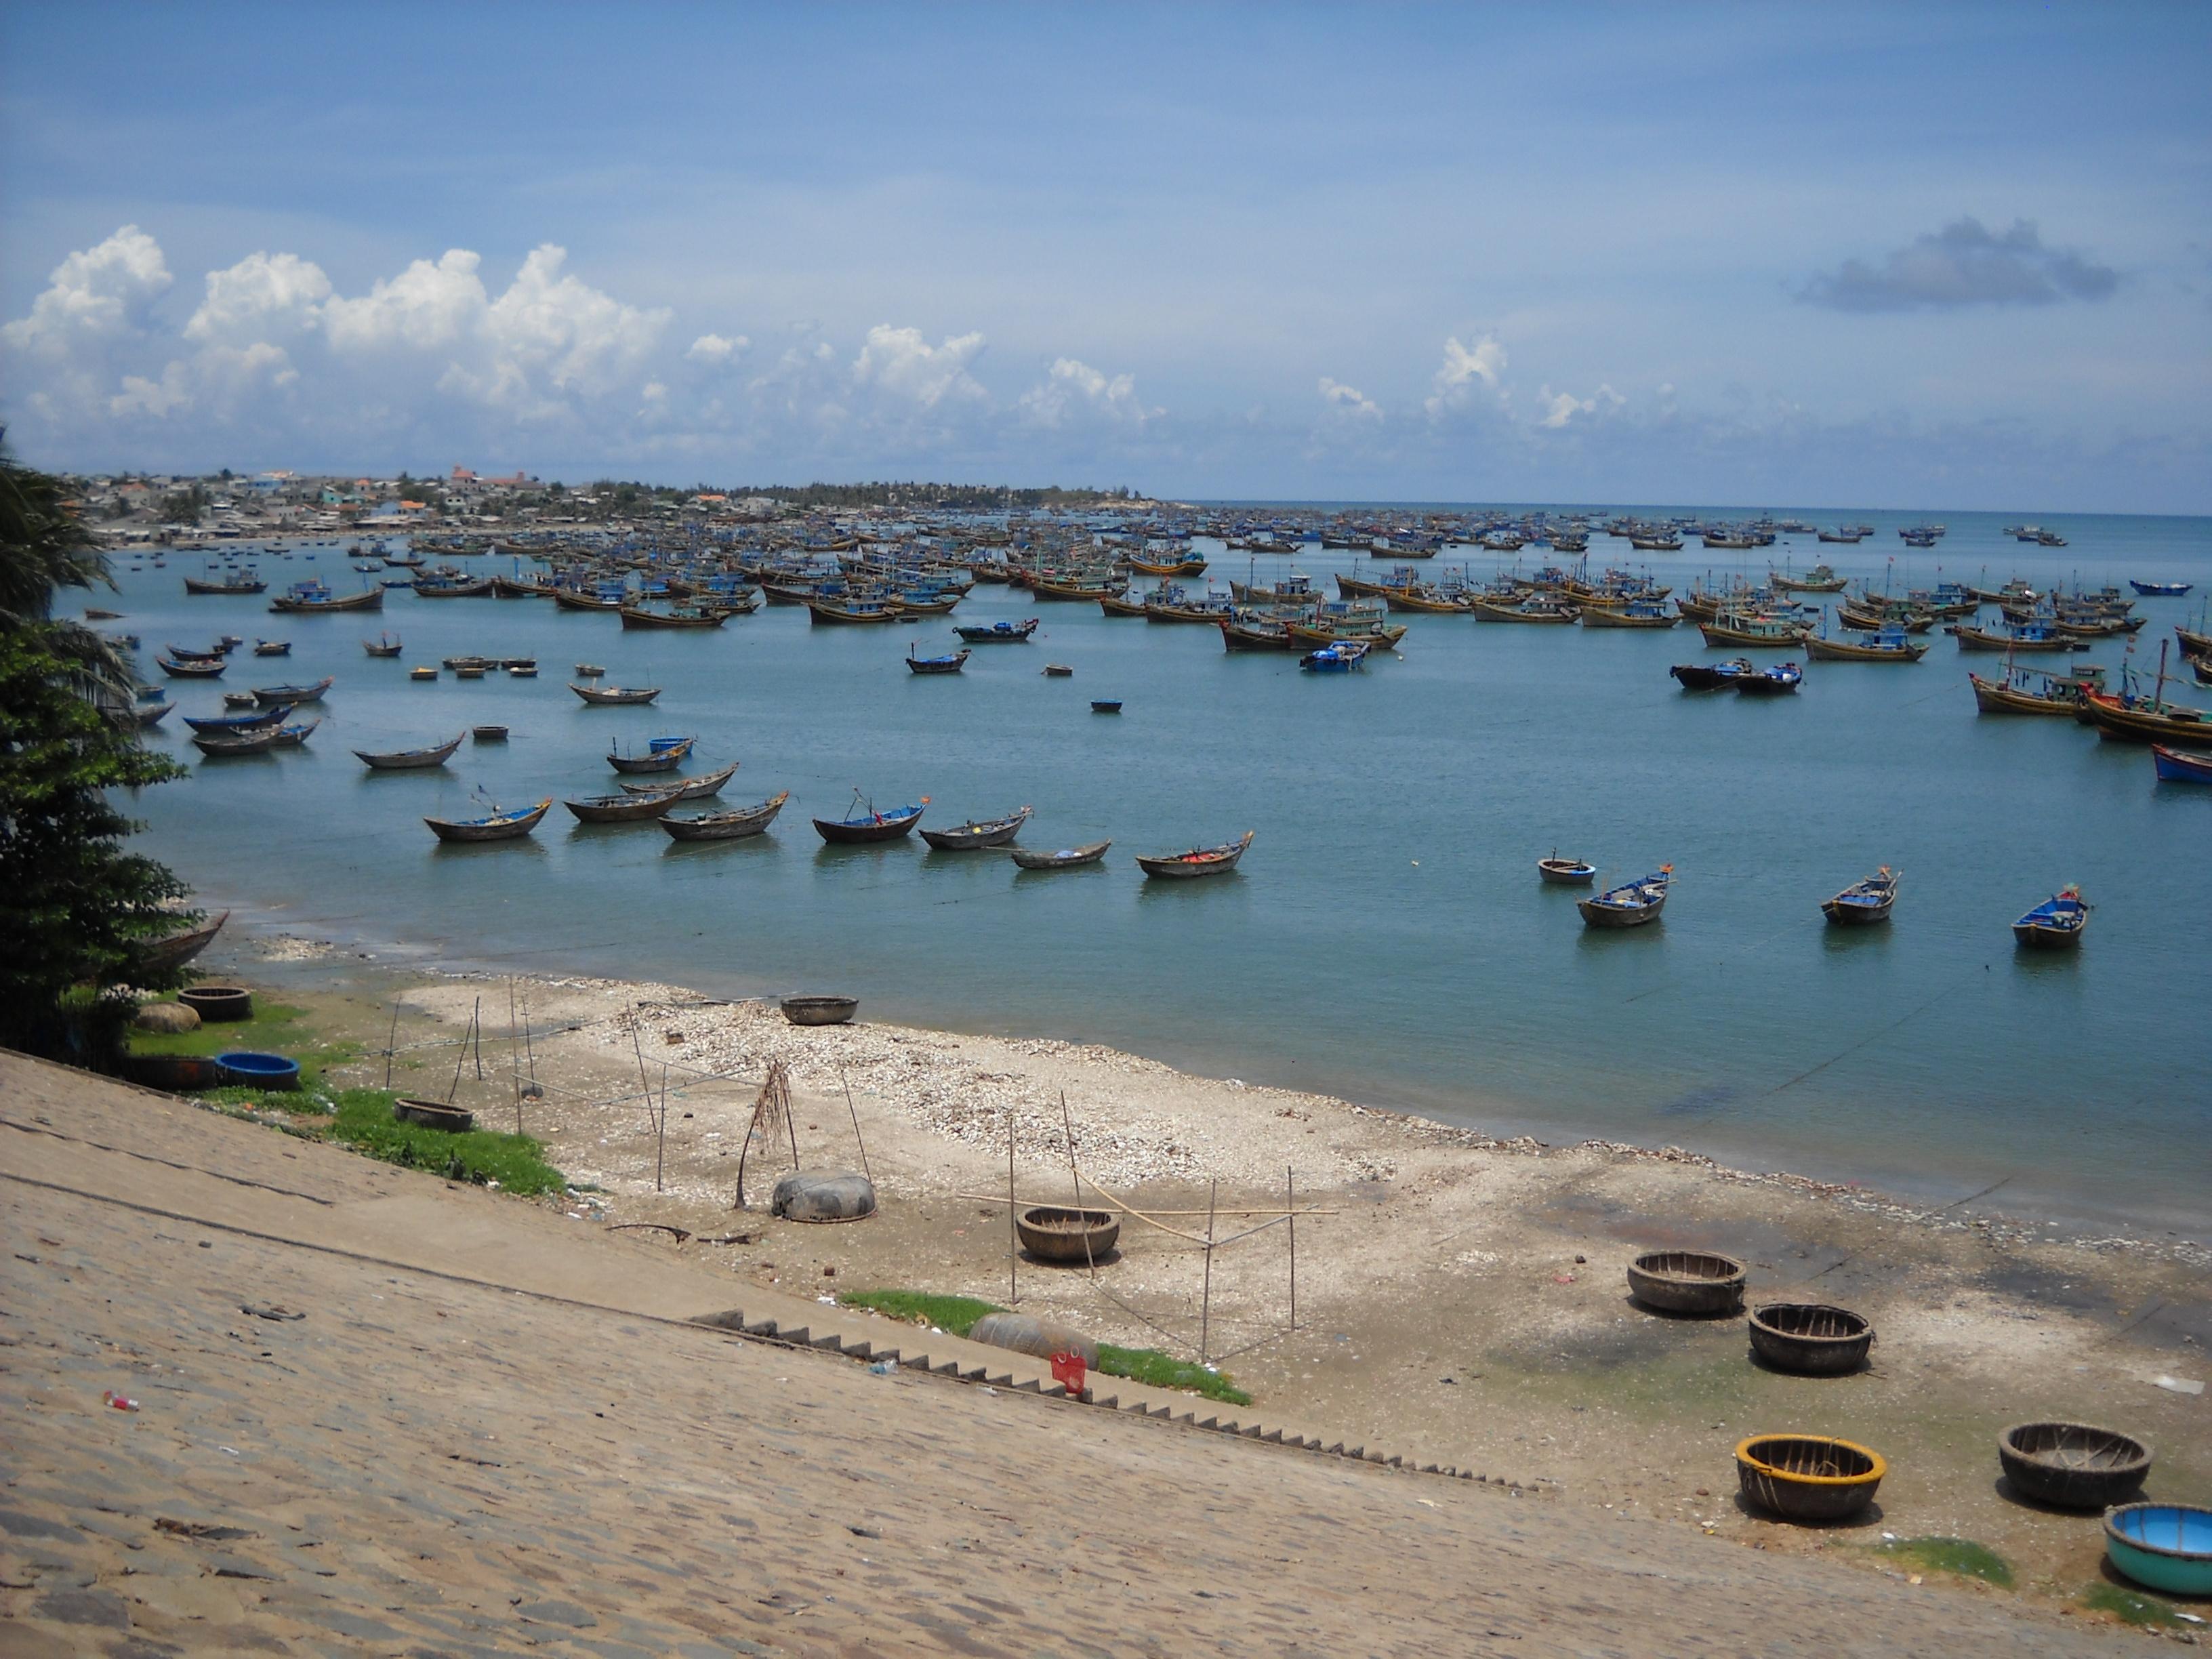 Bán nhớt Voltronic giá rẻ tại Bình Thuận